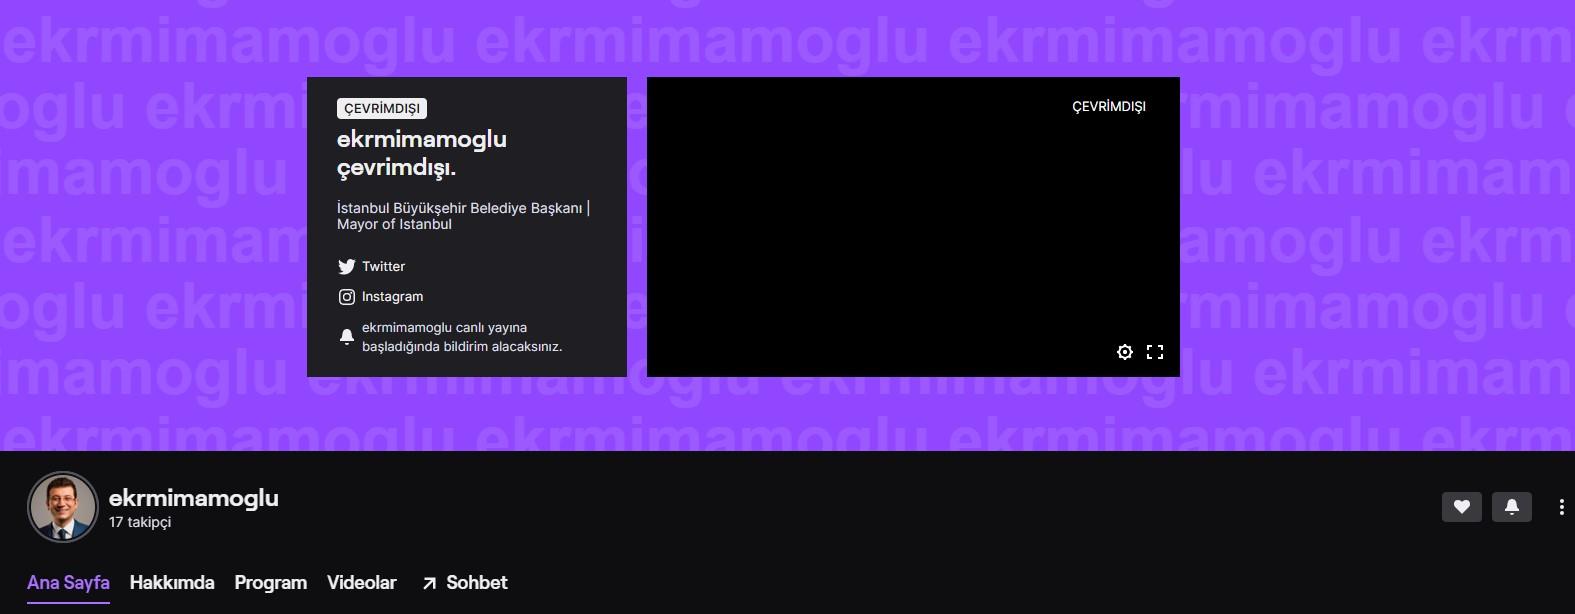 ekrem imamoğlu twitch